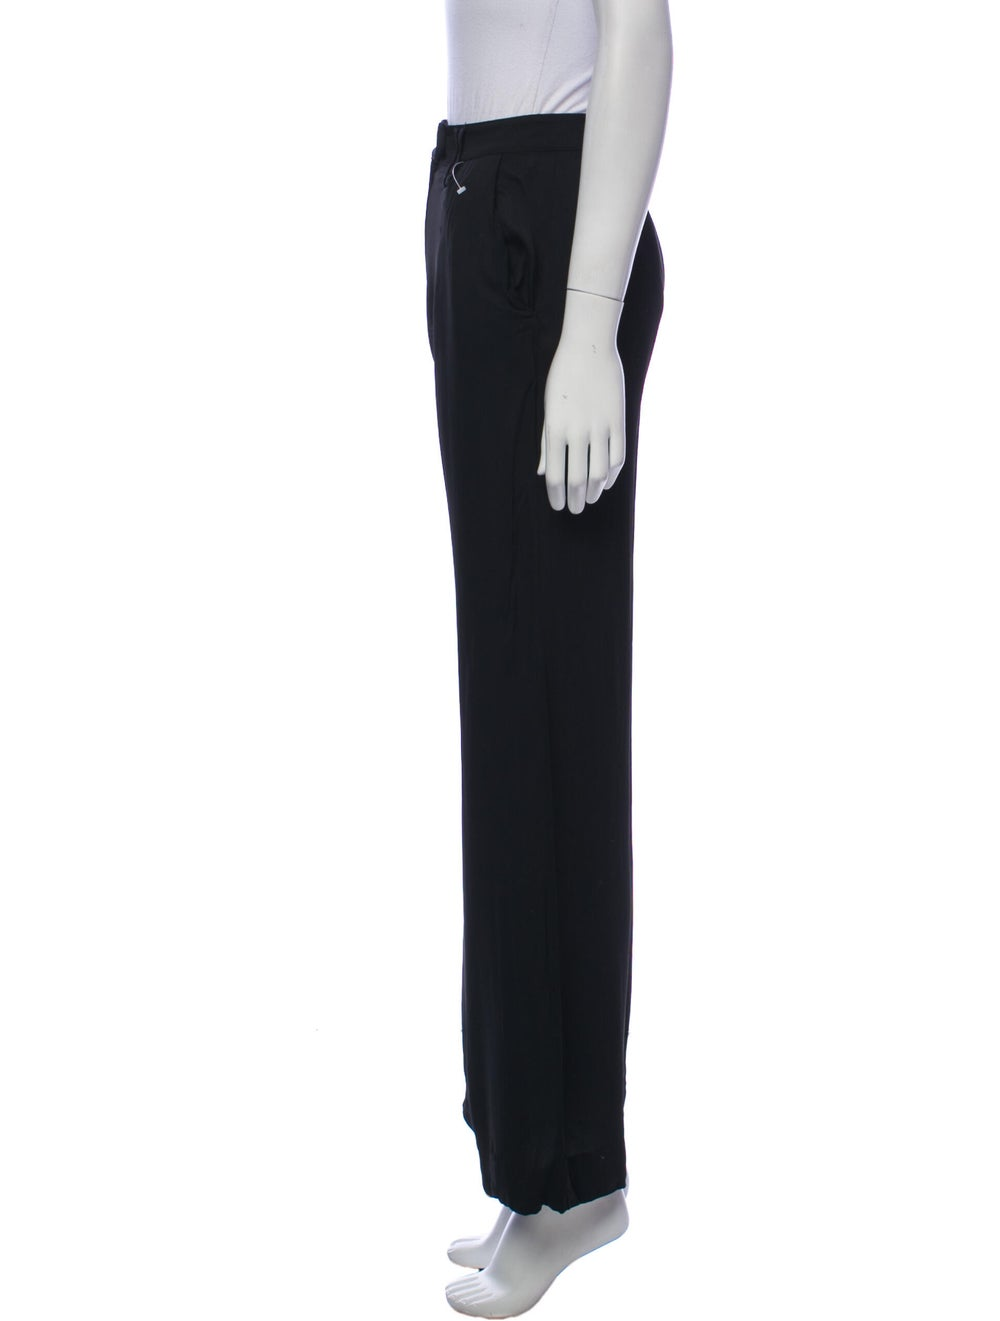 Plein Sud Wide Leg Pants Black - image 2